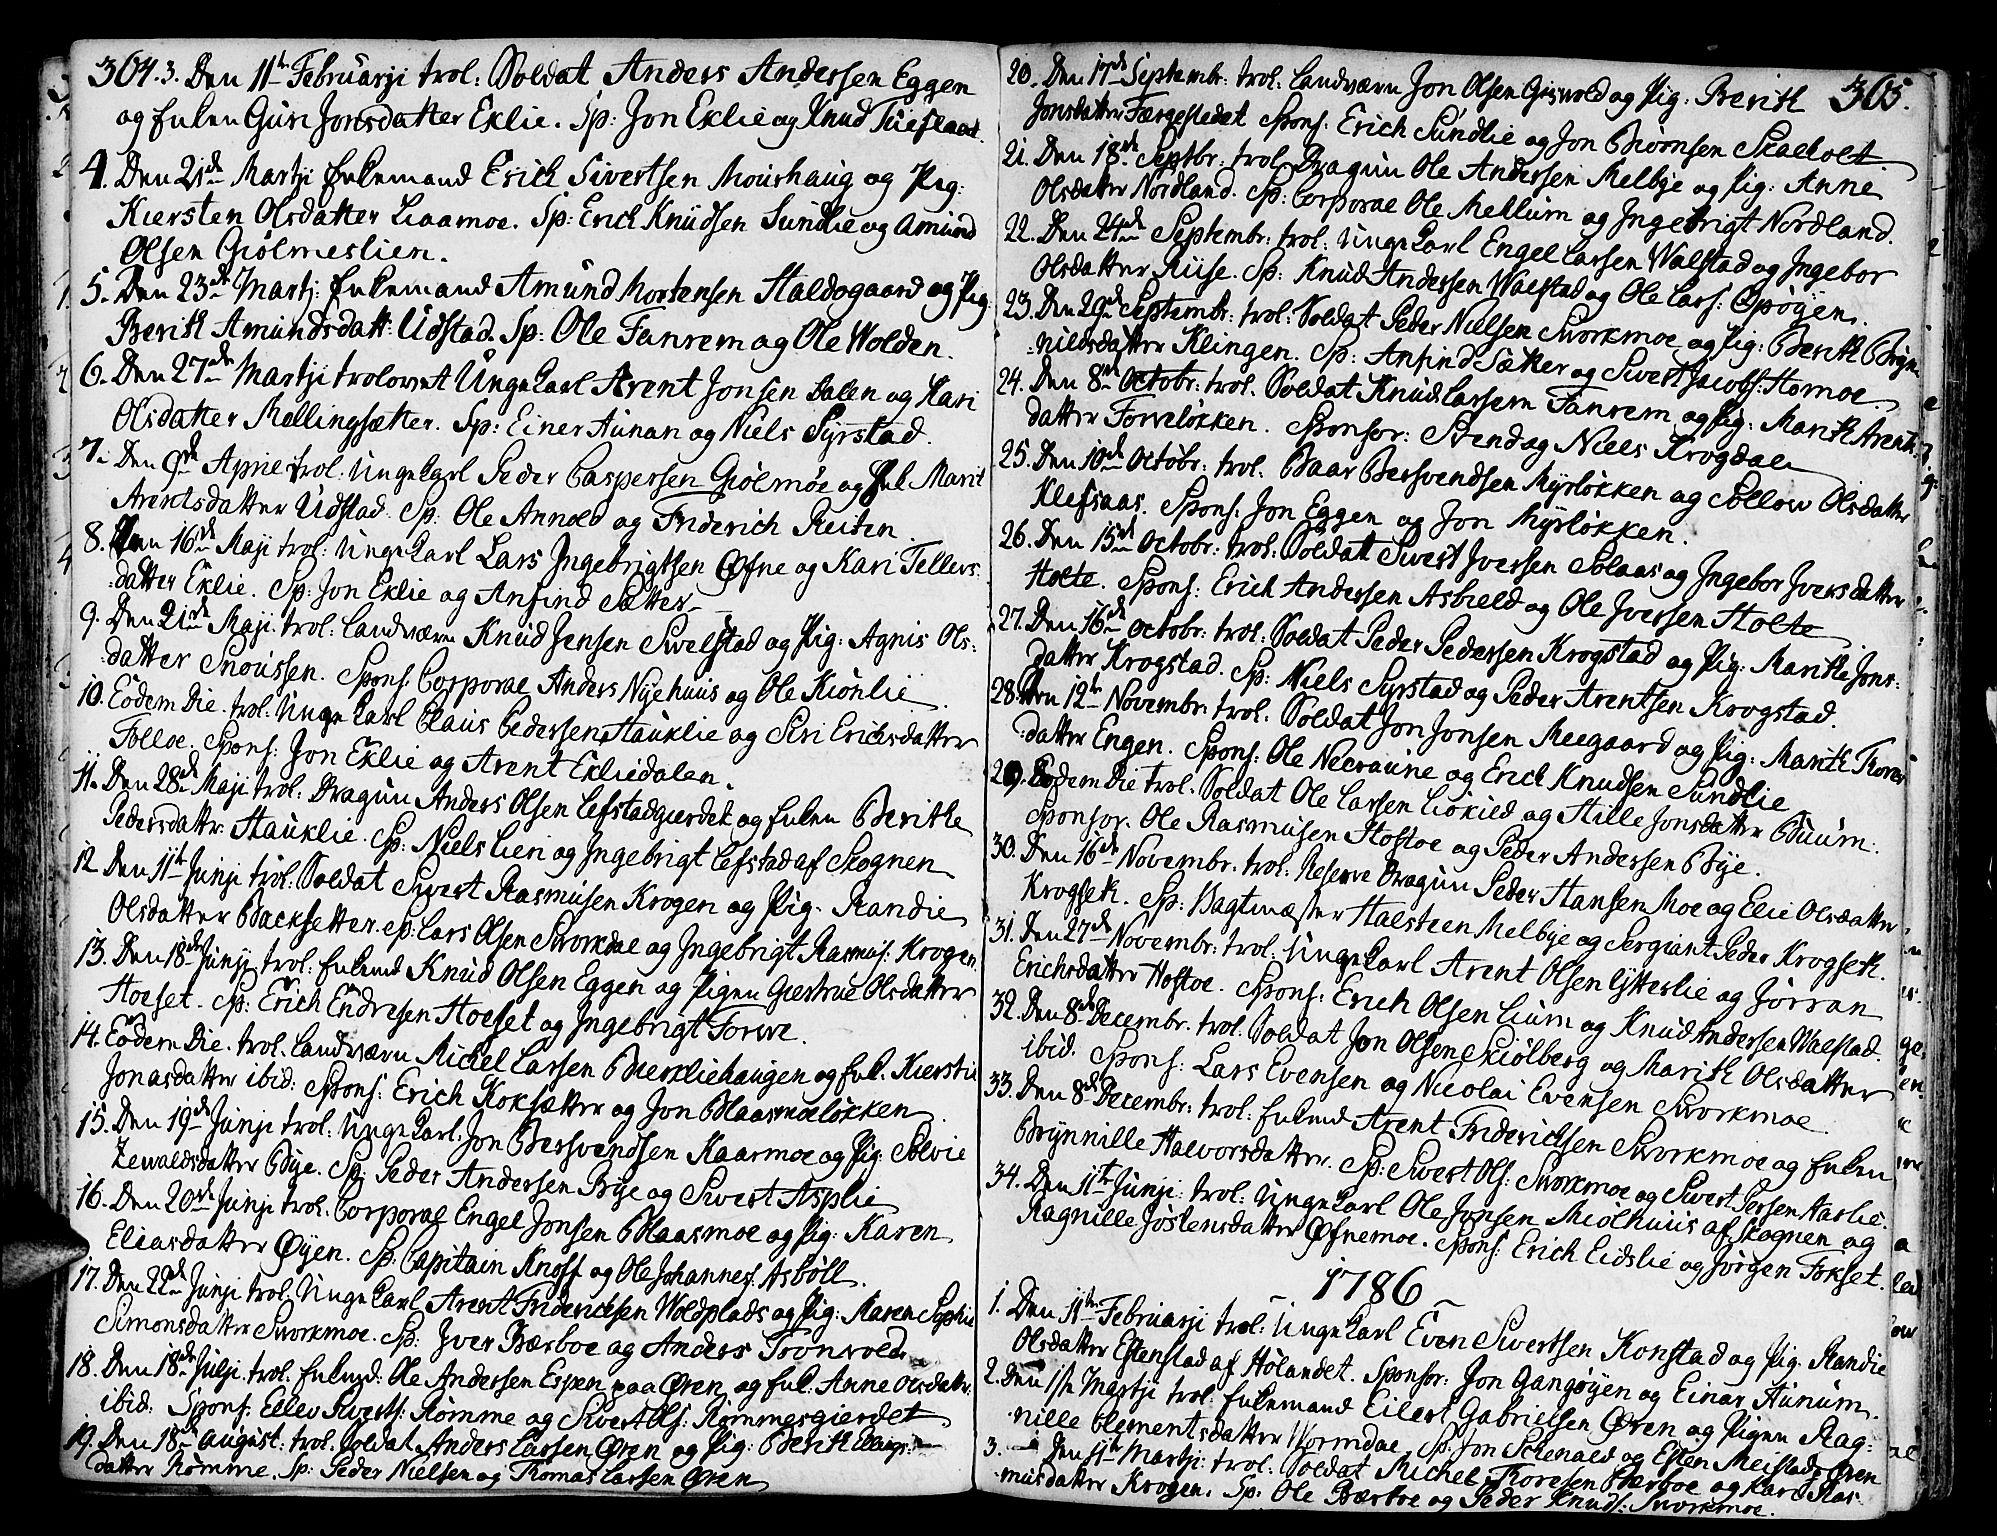 SAT, Ministerialprotokoller, klokkerbøker og fødselsregistre - Sør-Trøndelag, 668/L0802: Ministerialbok nr. 668A02, 1776-1799, s. 364-365